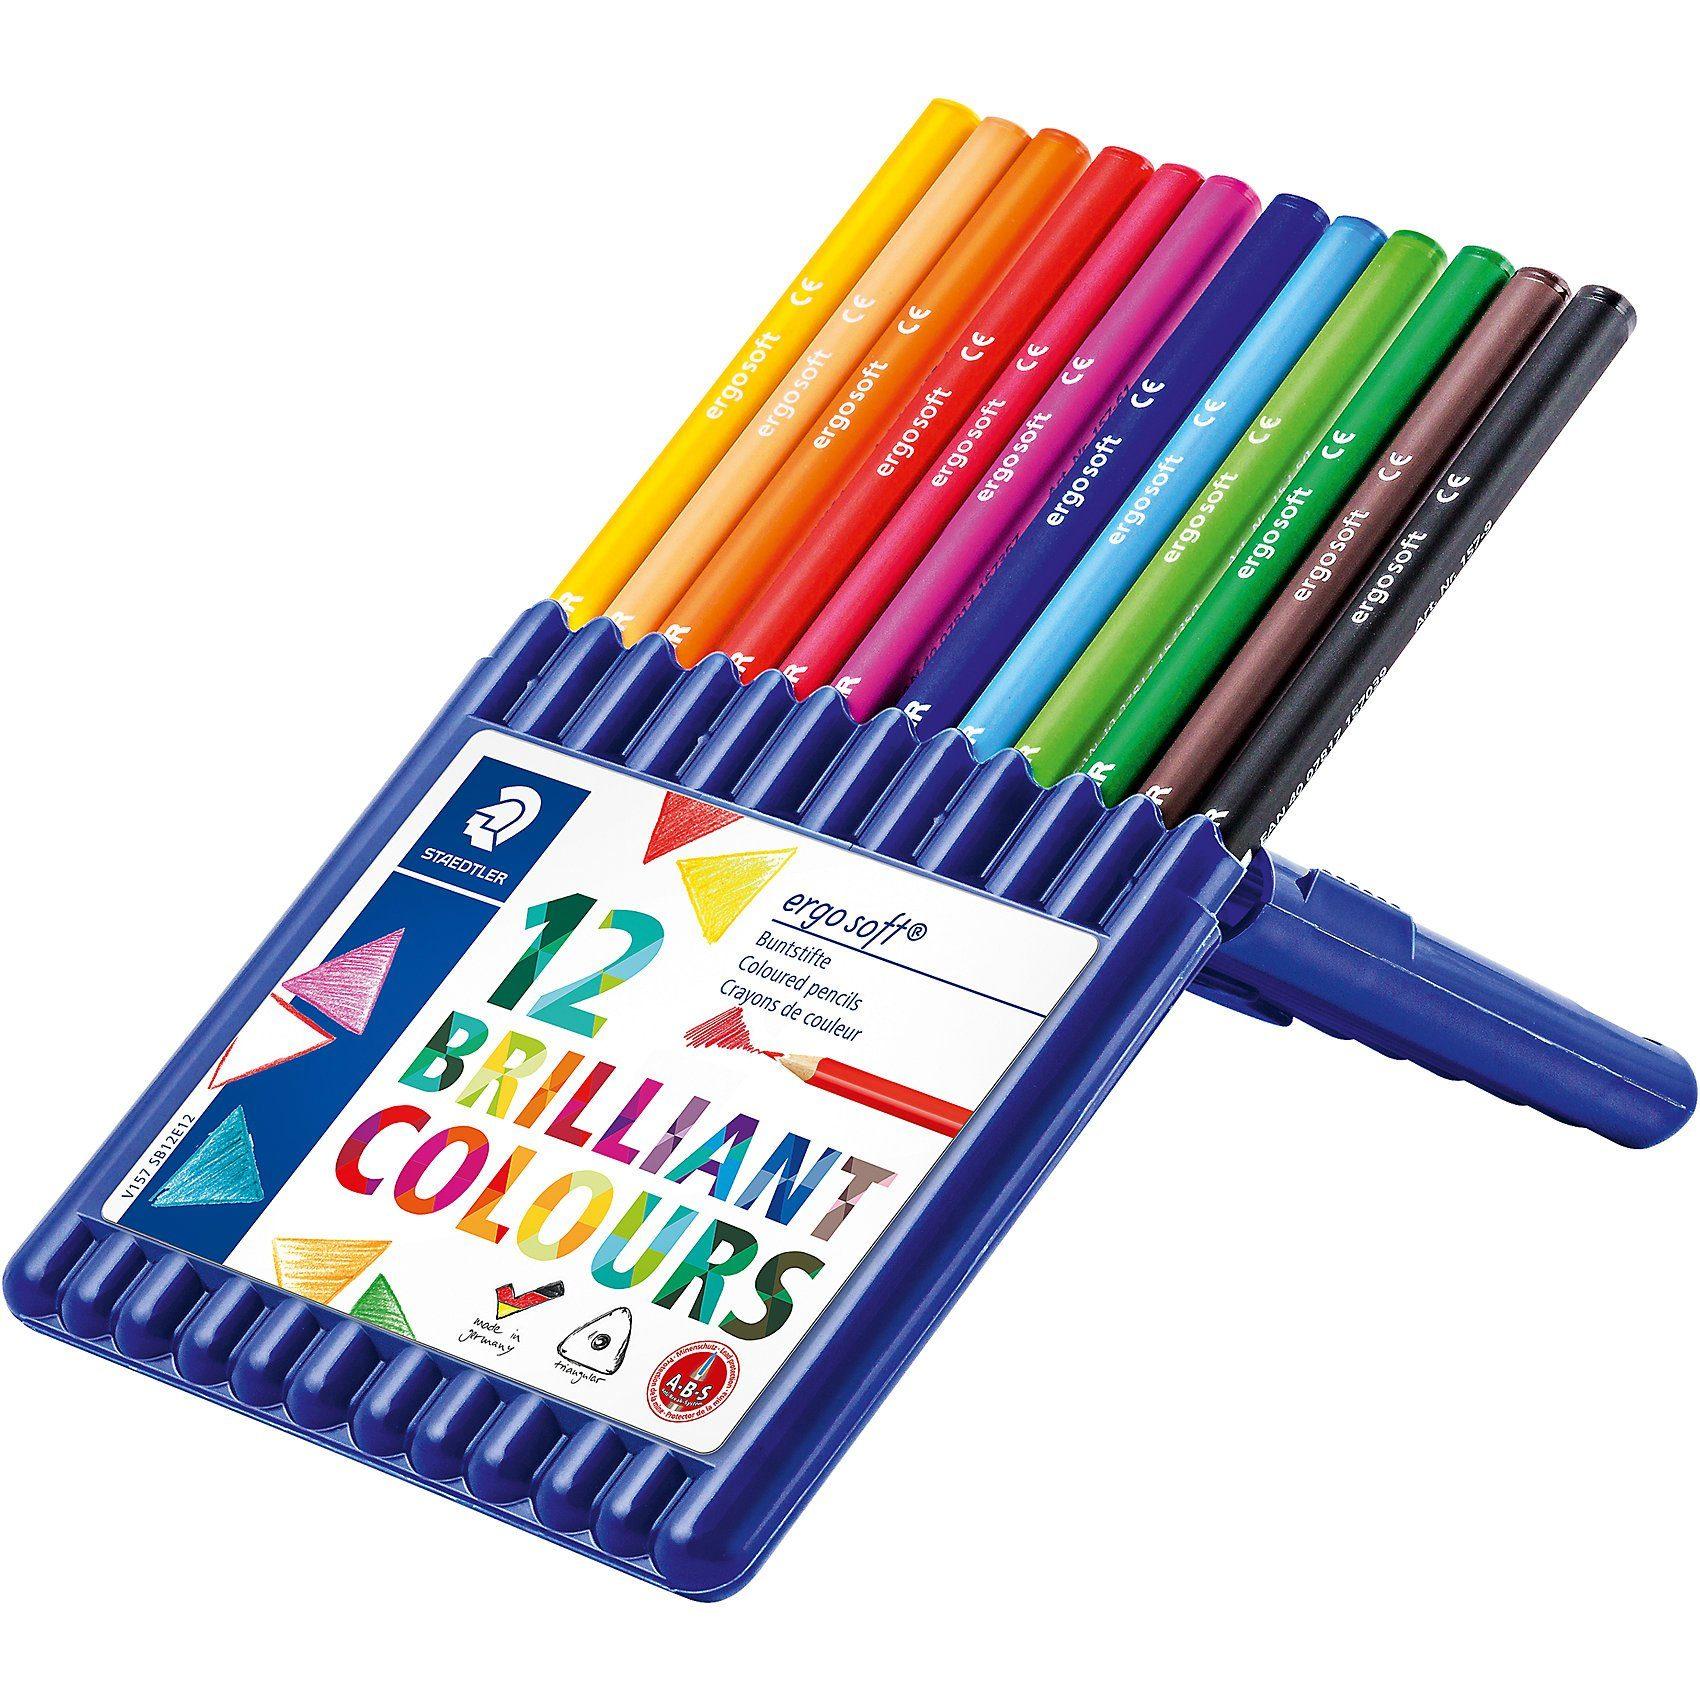 Staedtler Farbstifte ergosoft, 12 Farben in Aufstellbox